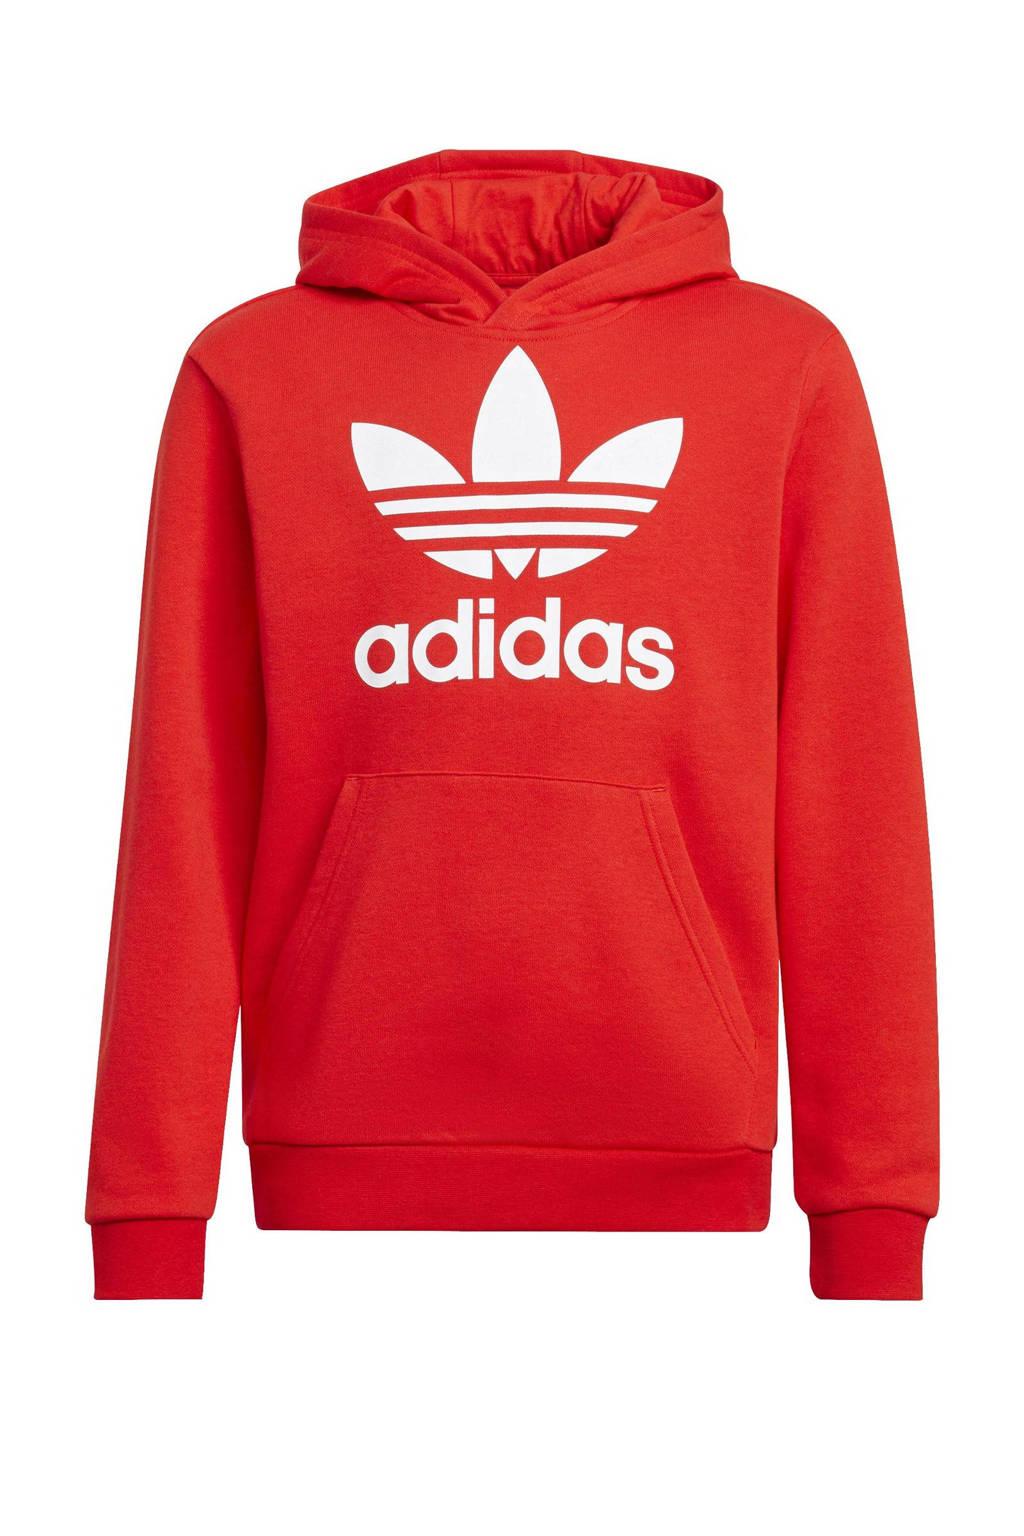 adidas Originals unisex Adicolor hoodie rood/wit, Rood/wit